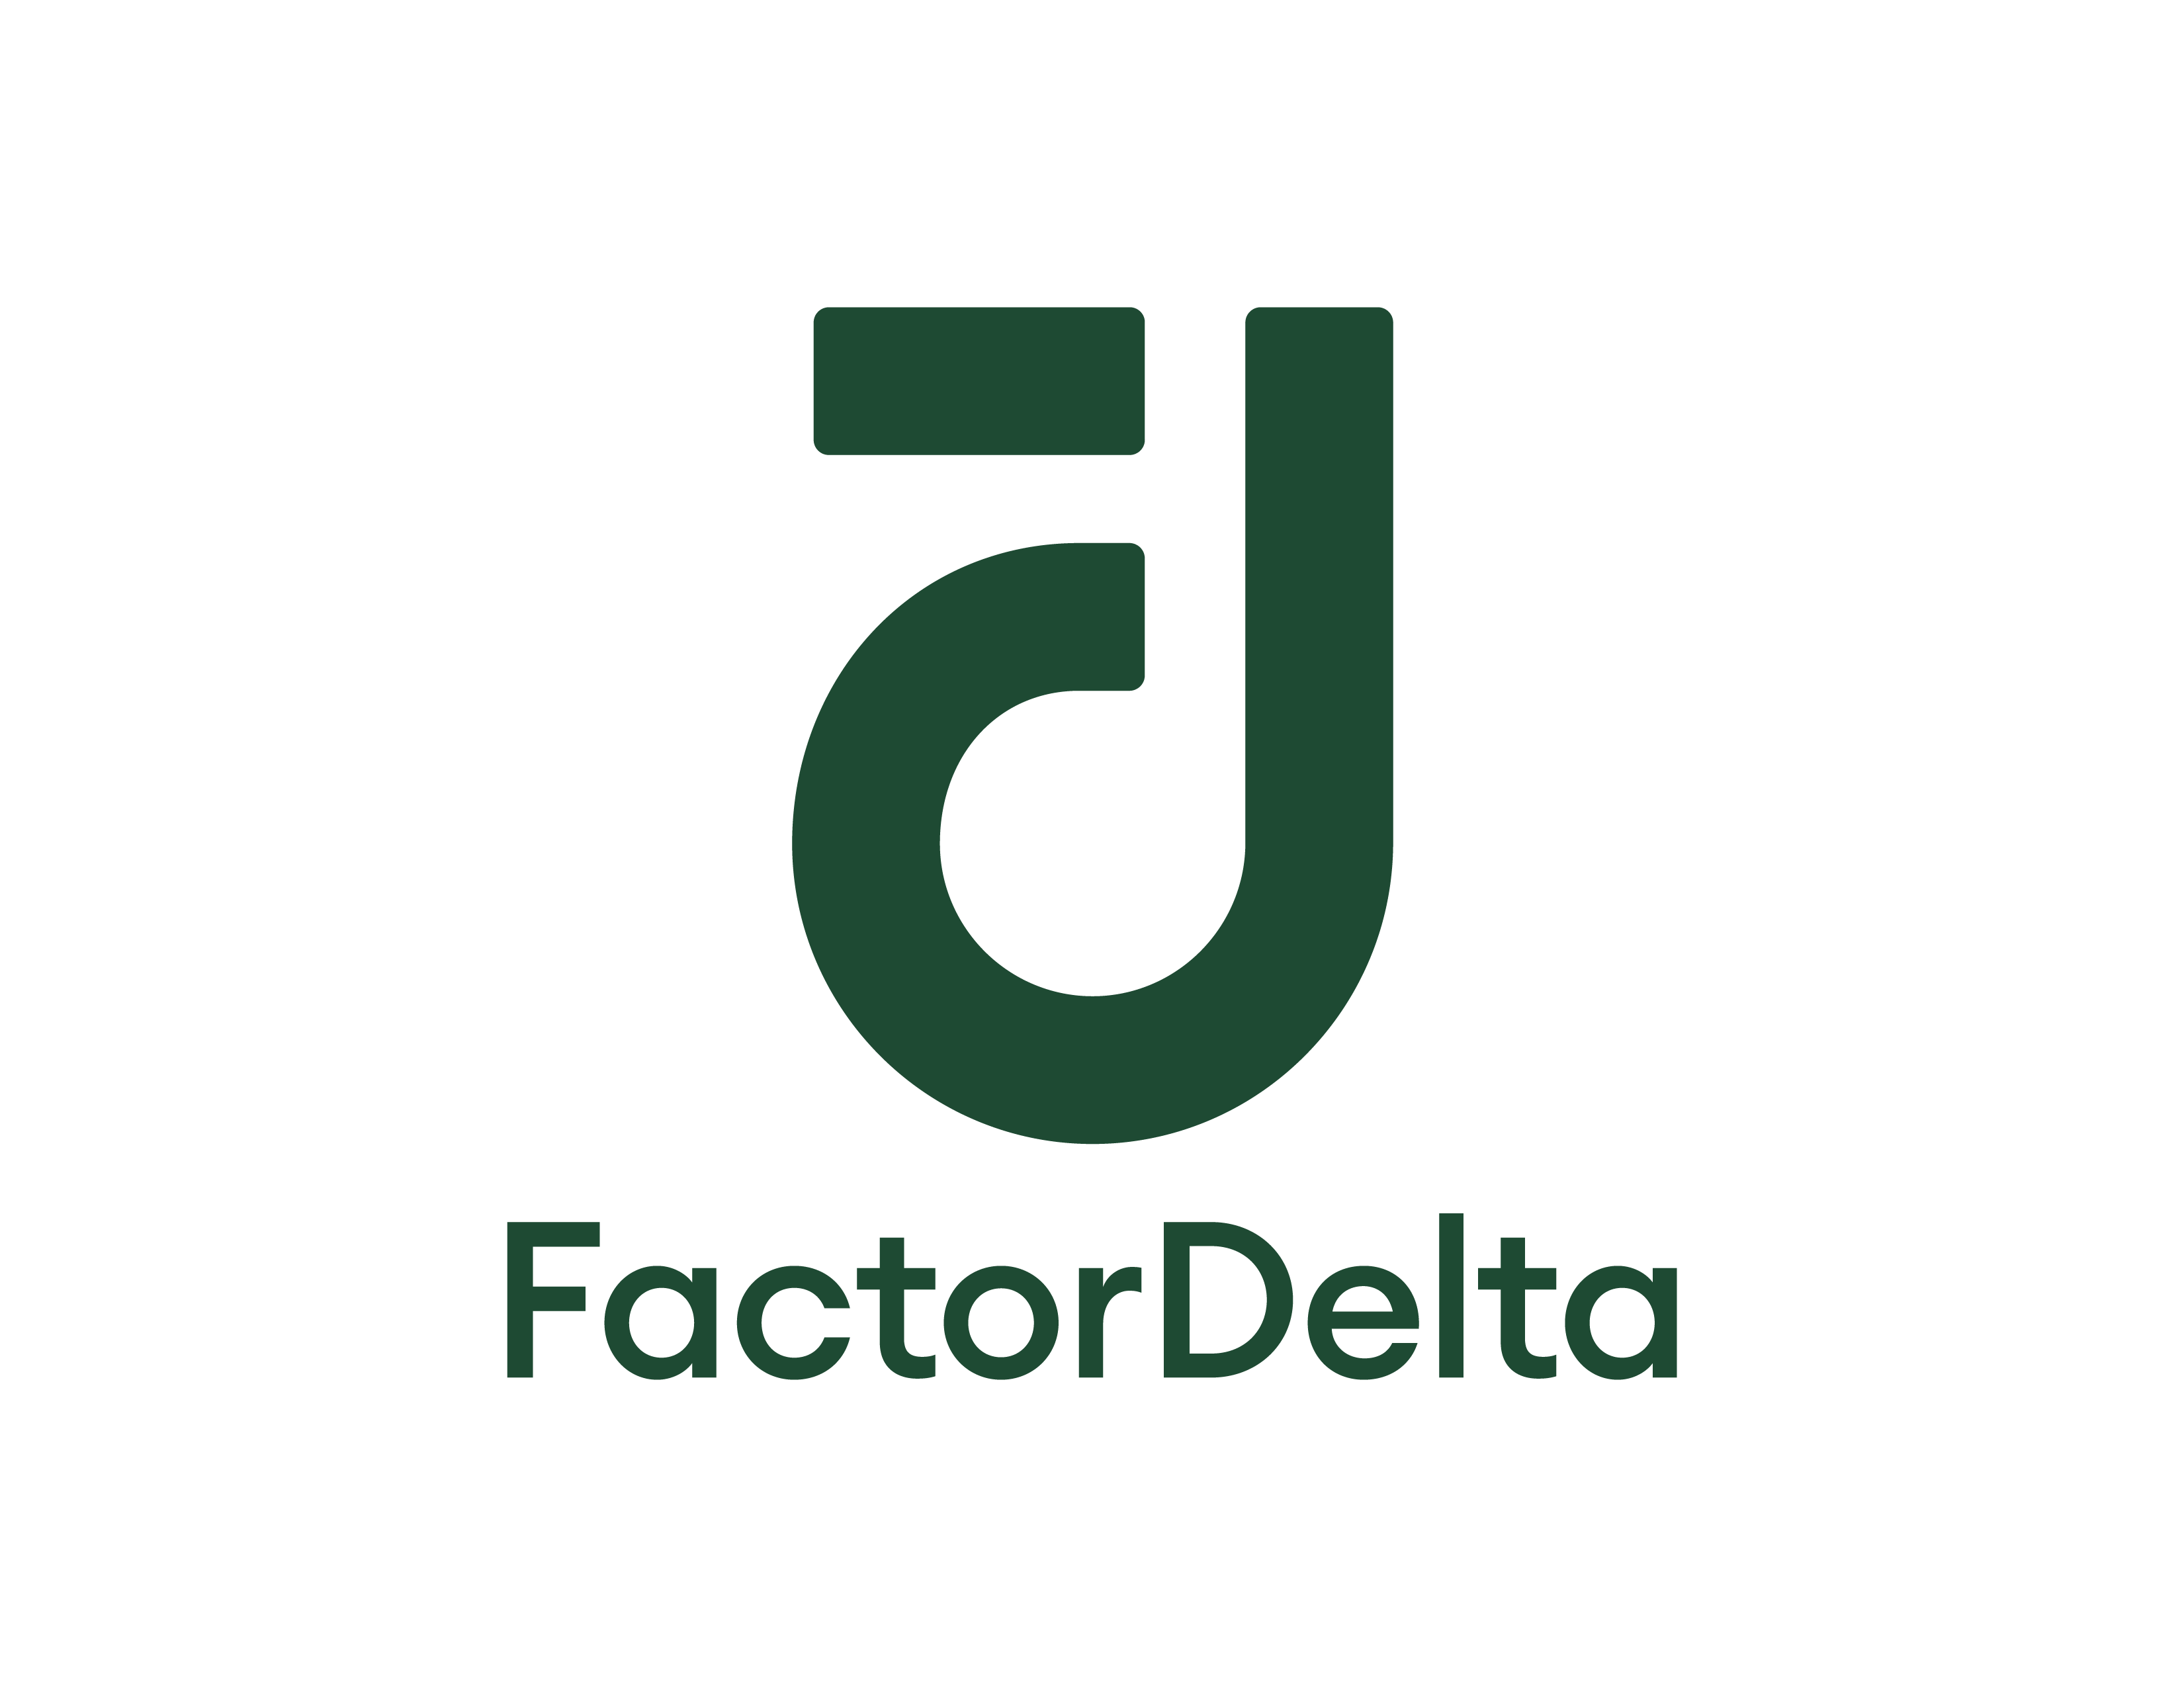 Factor Delta